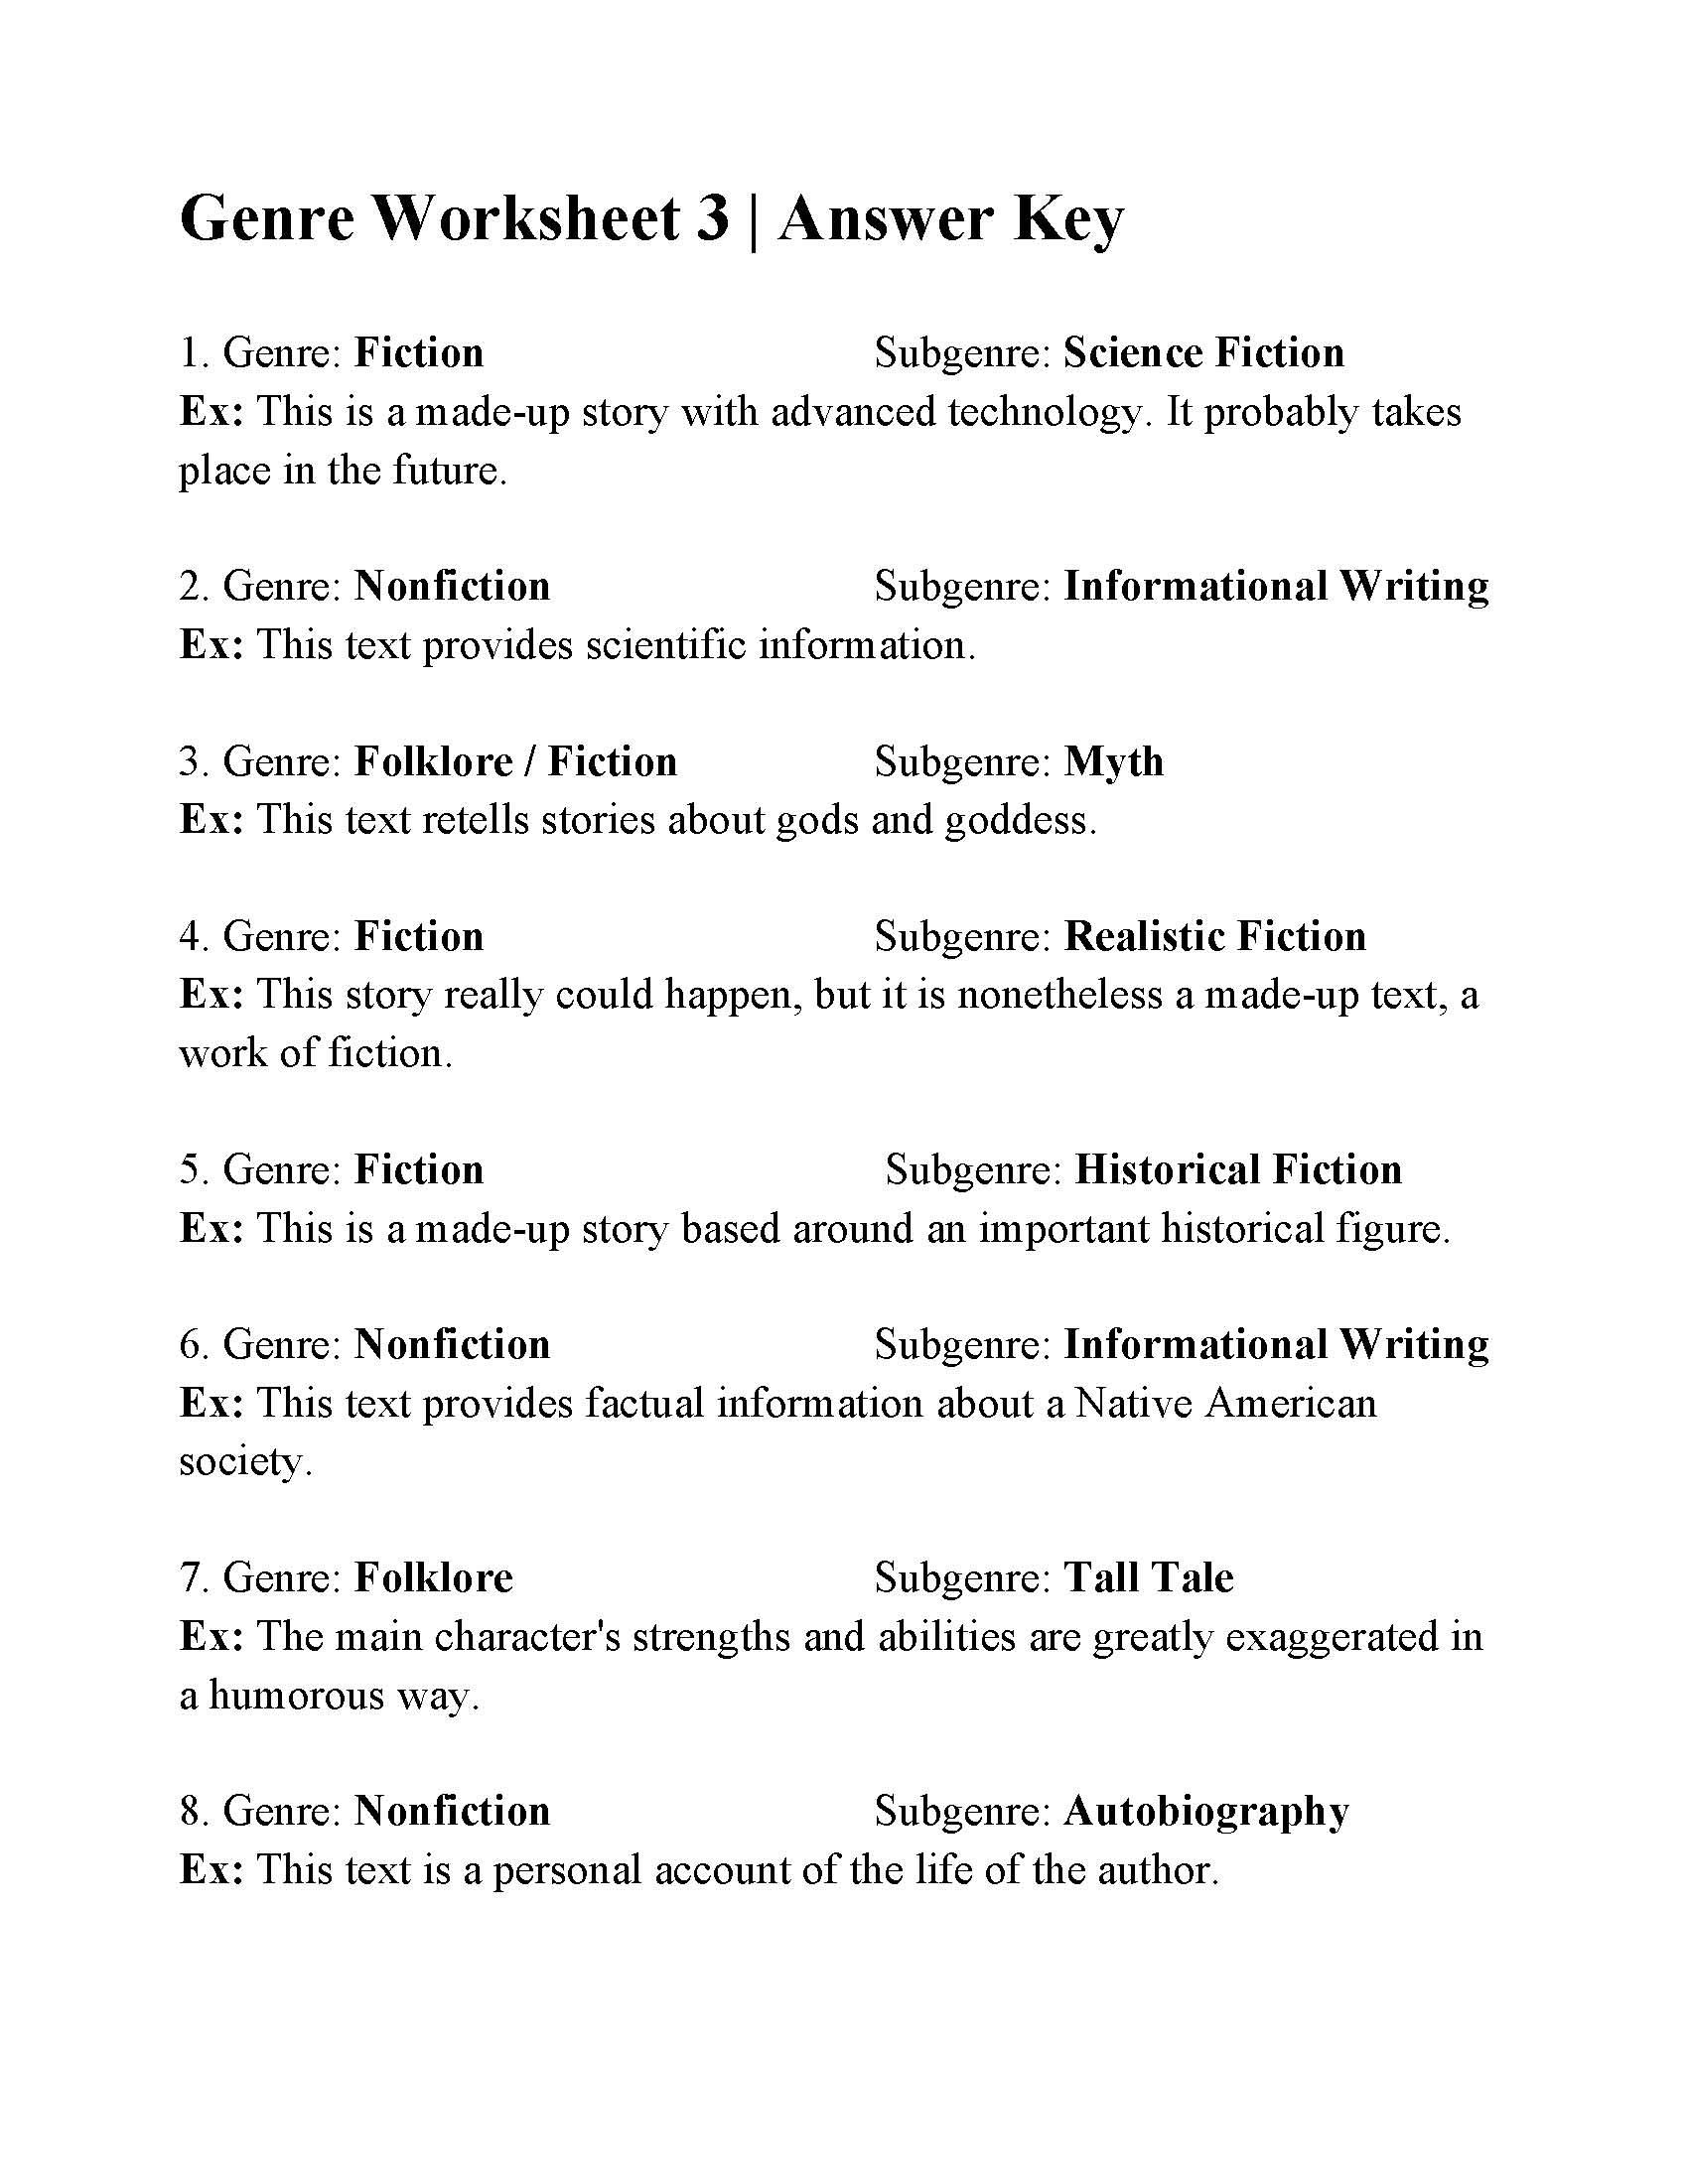 Genre Worksheet 3